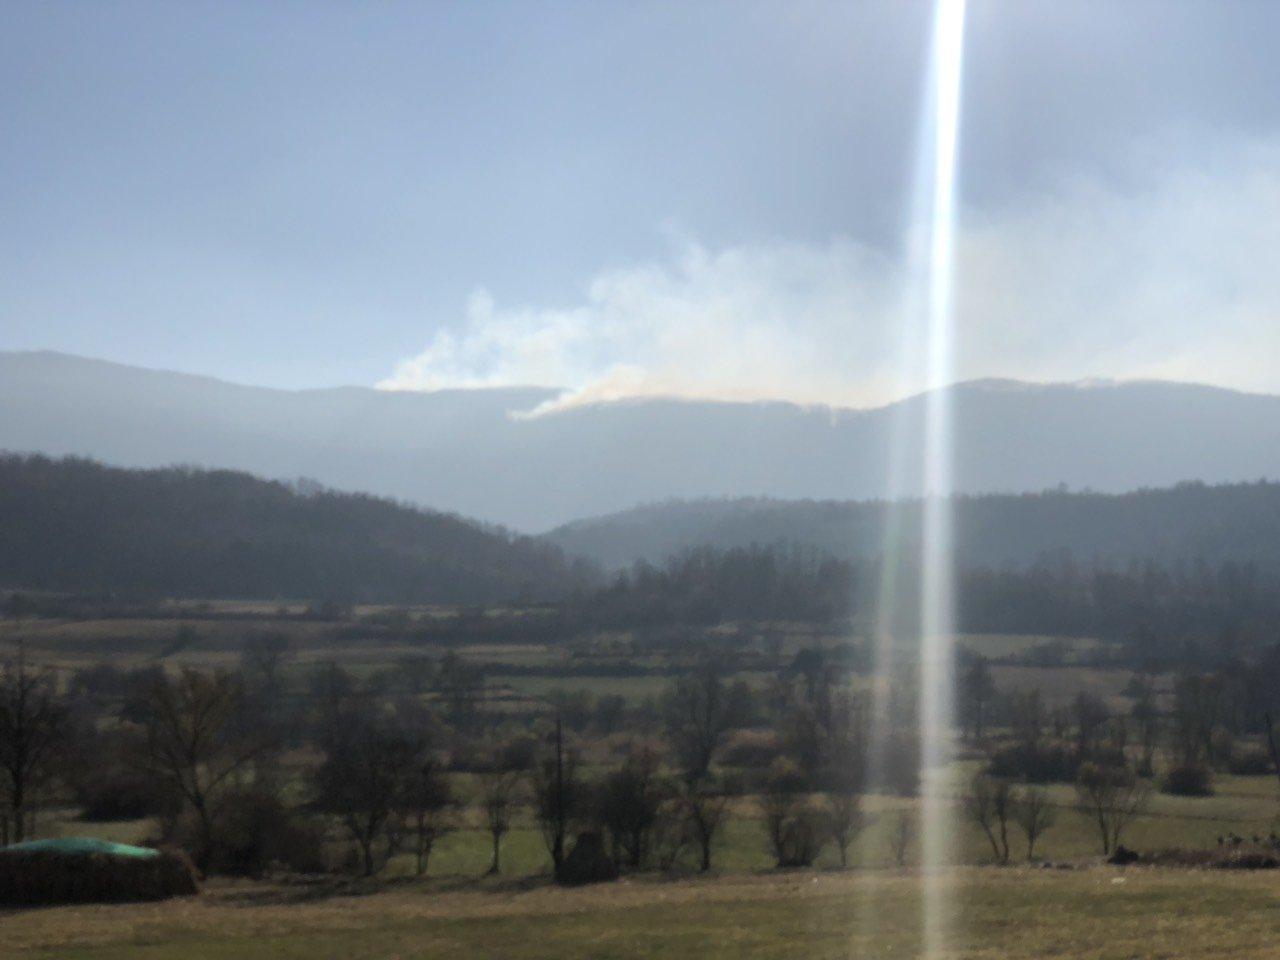 Požar koji je zahvatio Svrljiške planine, foto: M. Miladinović